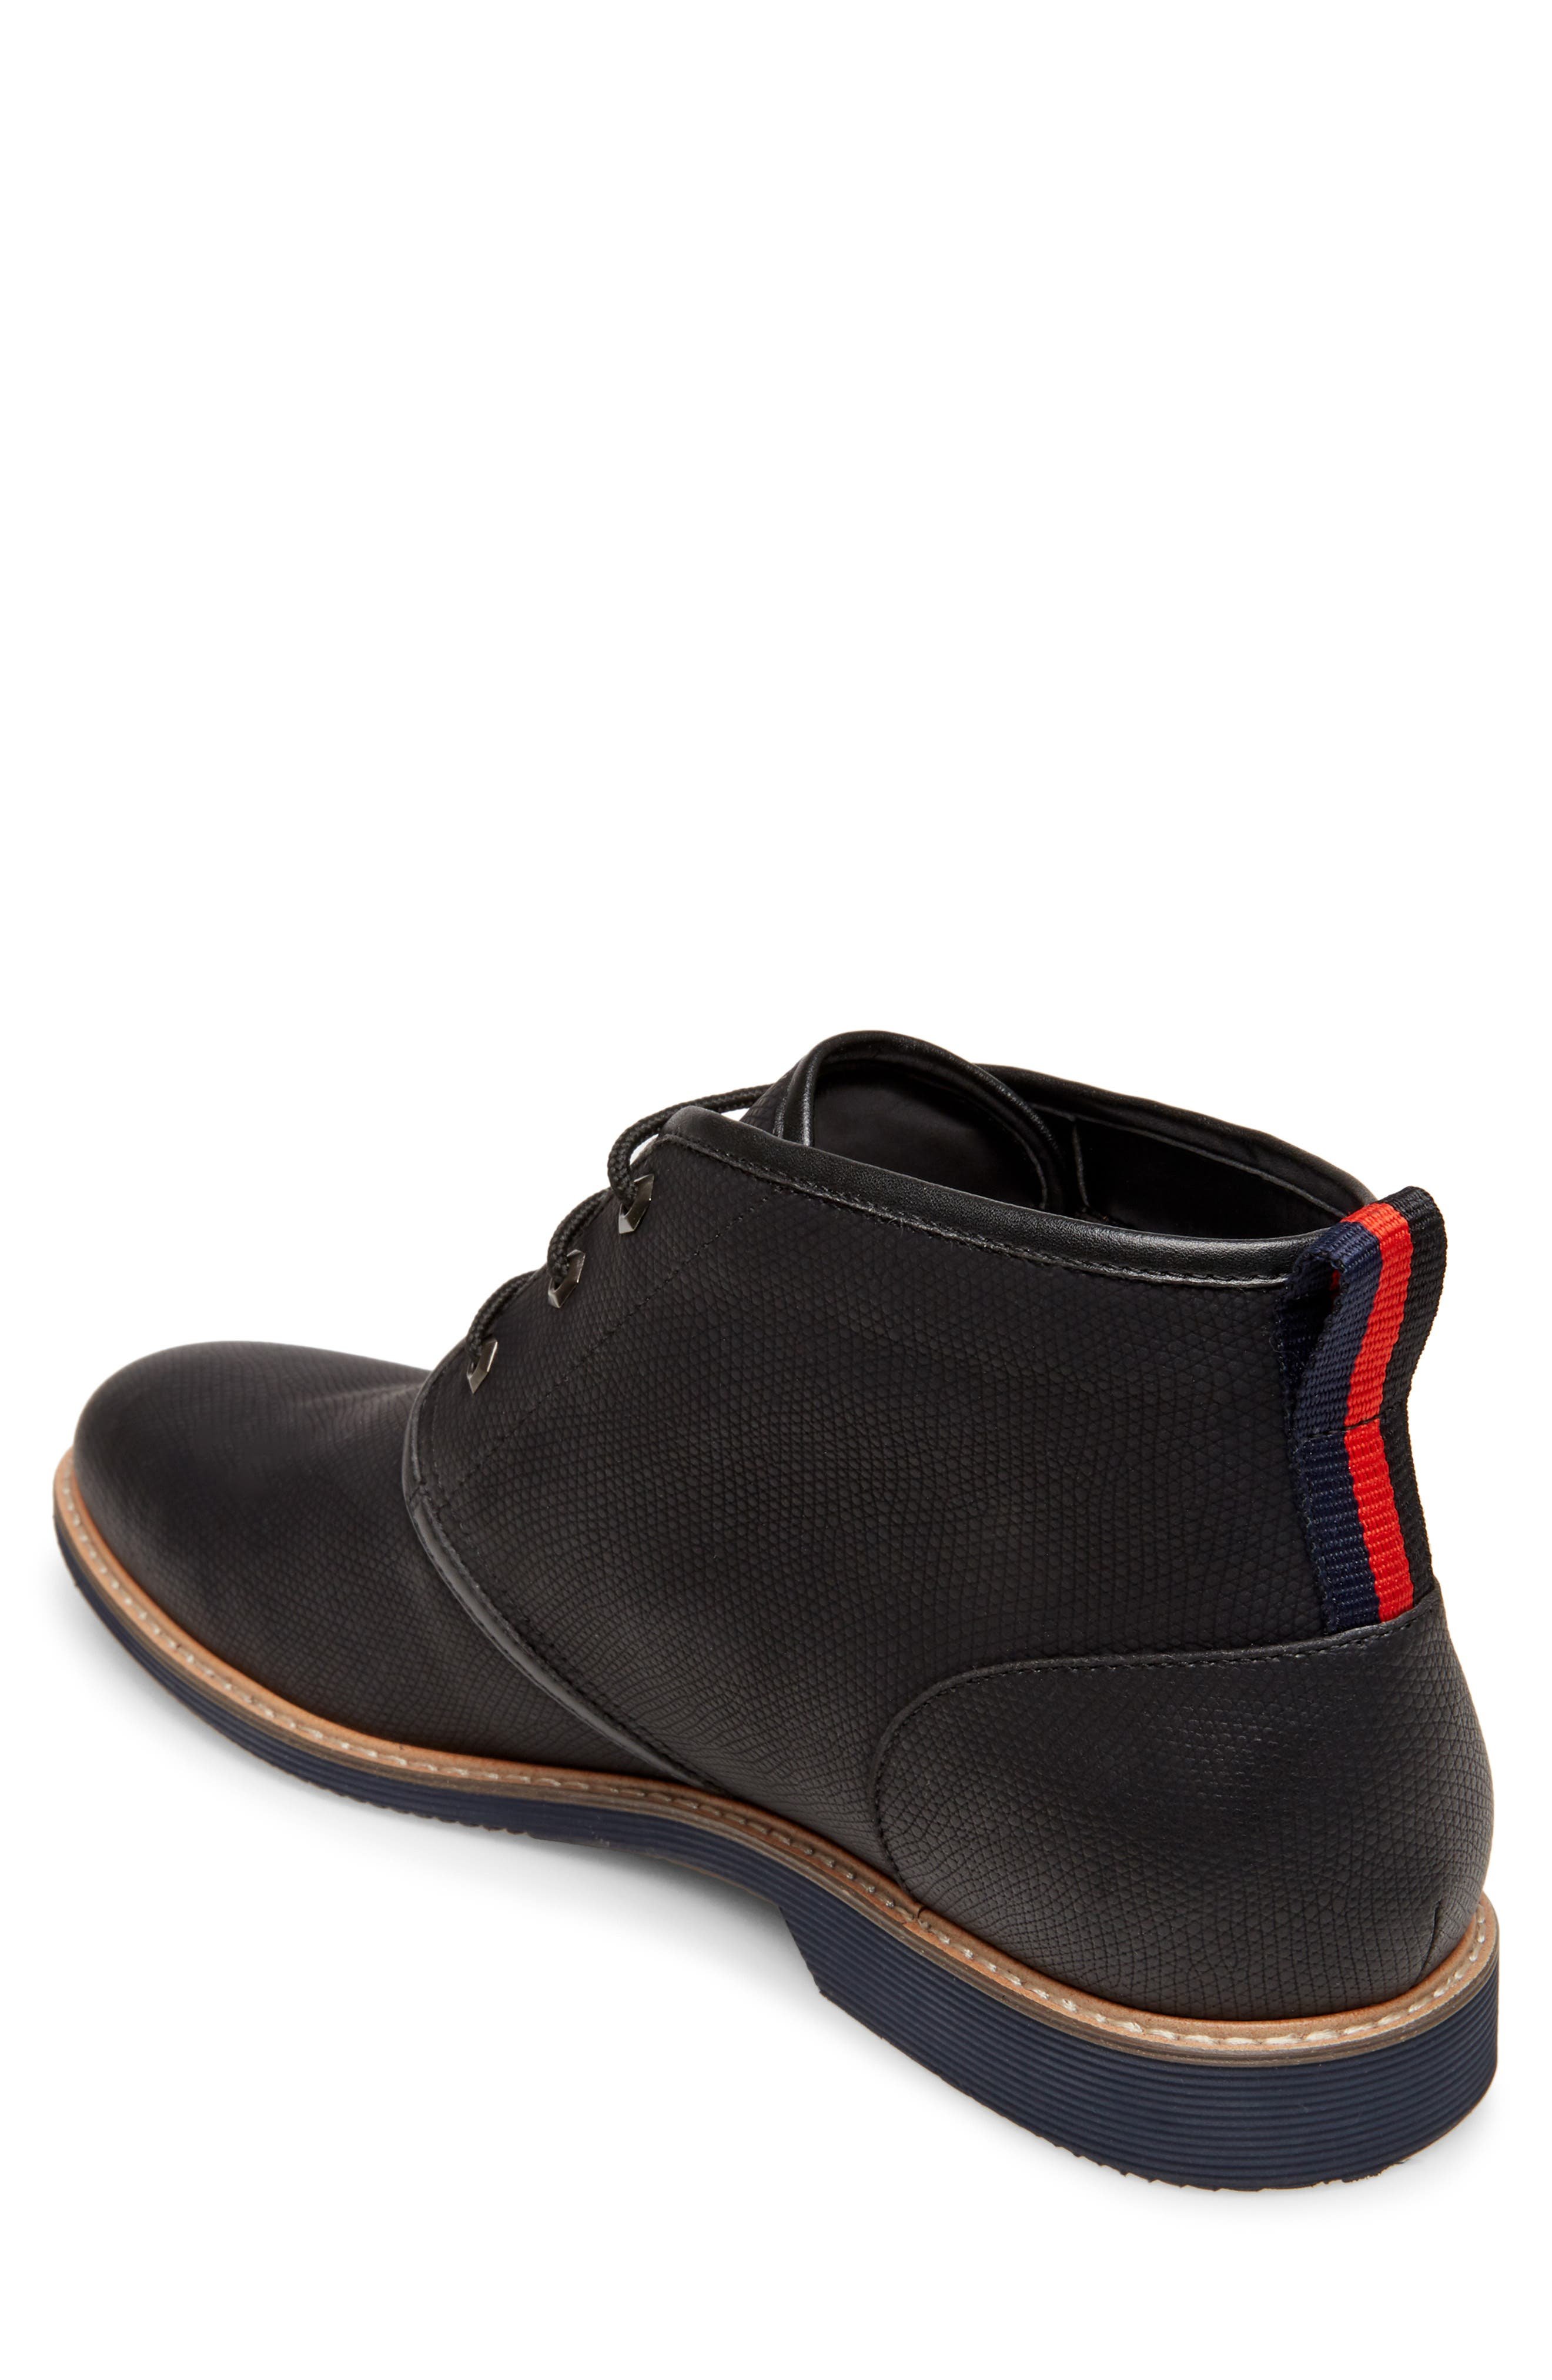 STEVE MADDEN, Nurture Plain Toe Boot, Alternate thumbnail 2, color, 002